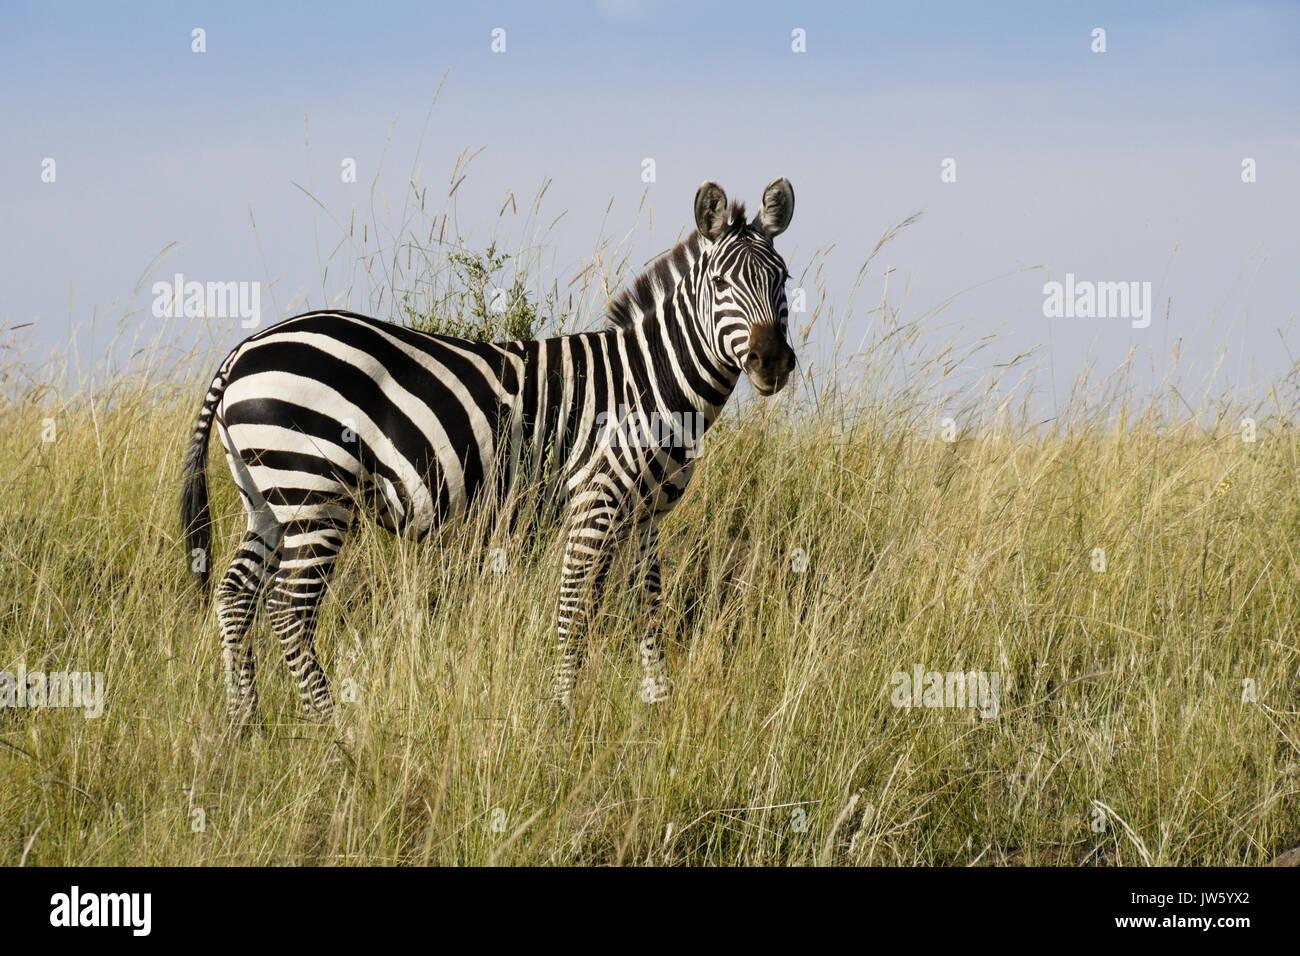 La burchell (comune o pianure) zebra in piedi in erba lunga, il Masai Mara Game Reserve, Kenya Immagini Stock